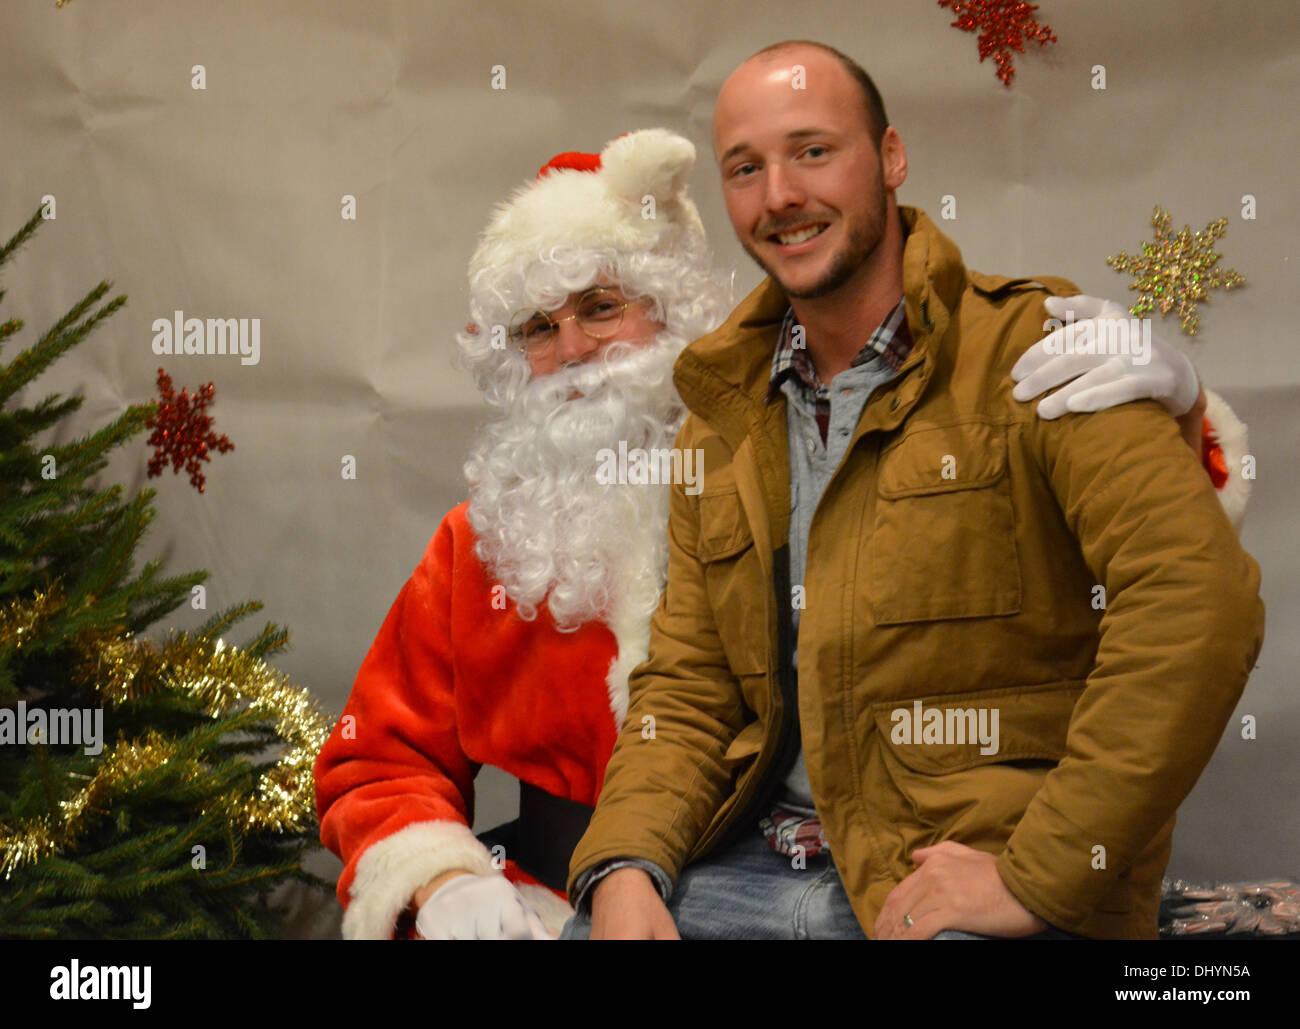 Grown man on Santas lap! - Stock Image